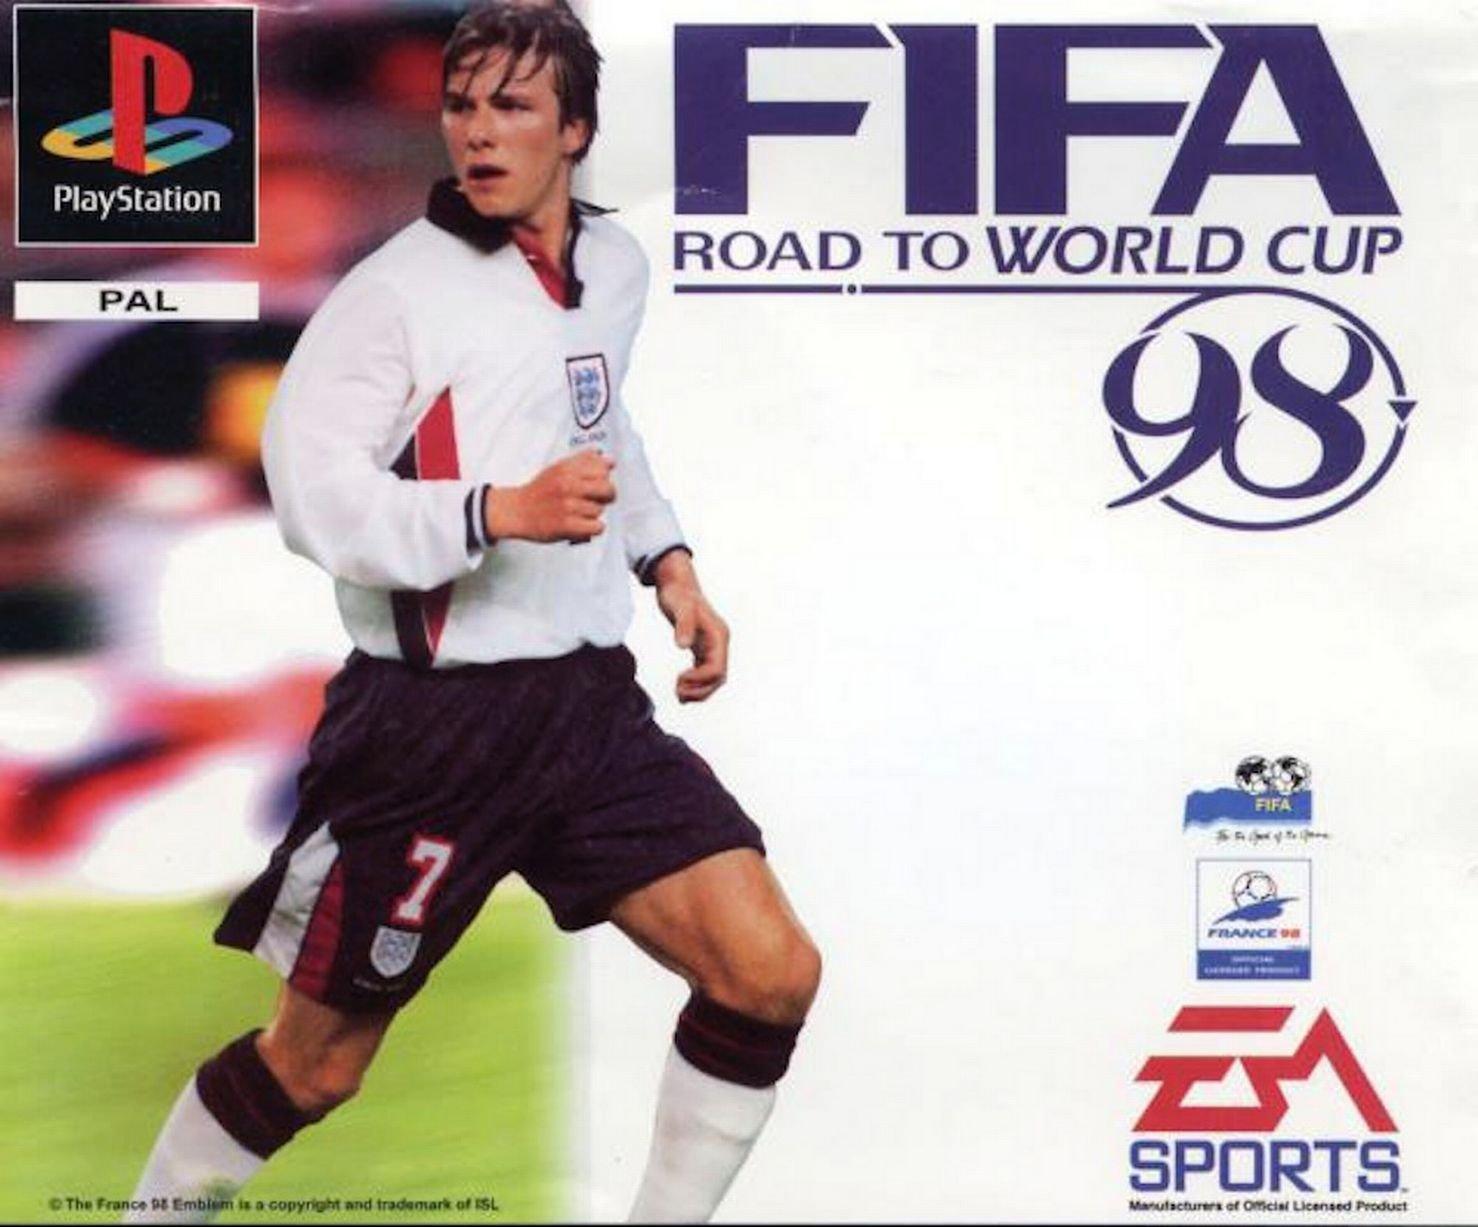 футбольные симуляторы, FIFA